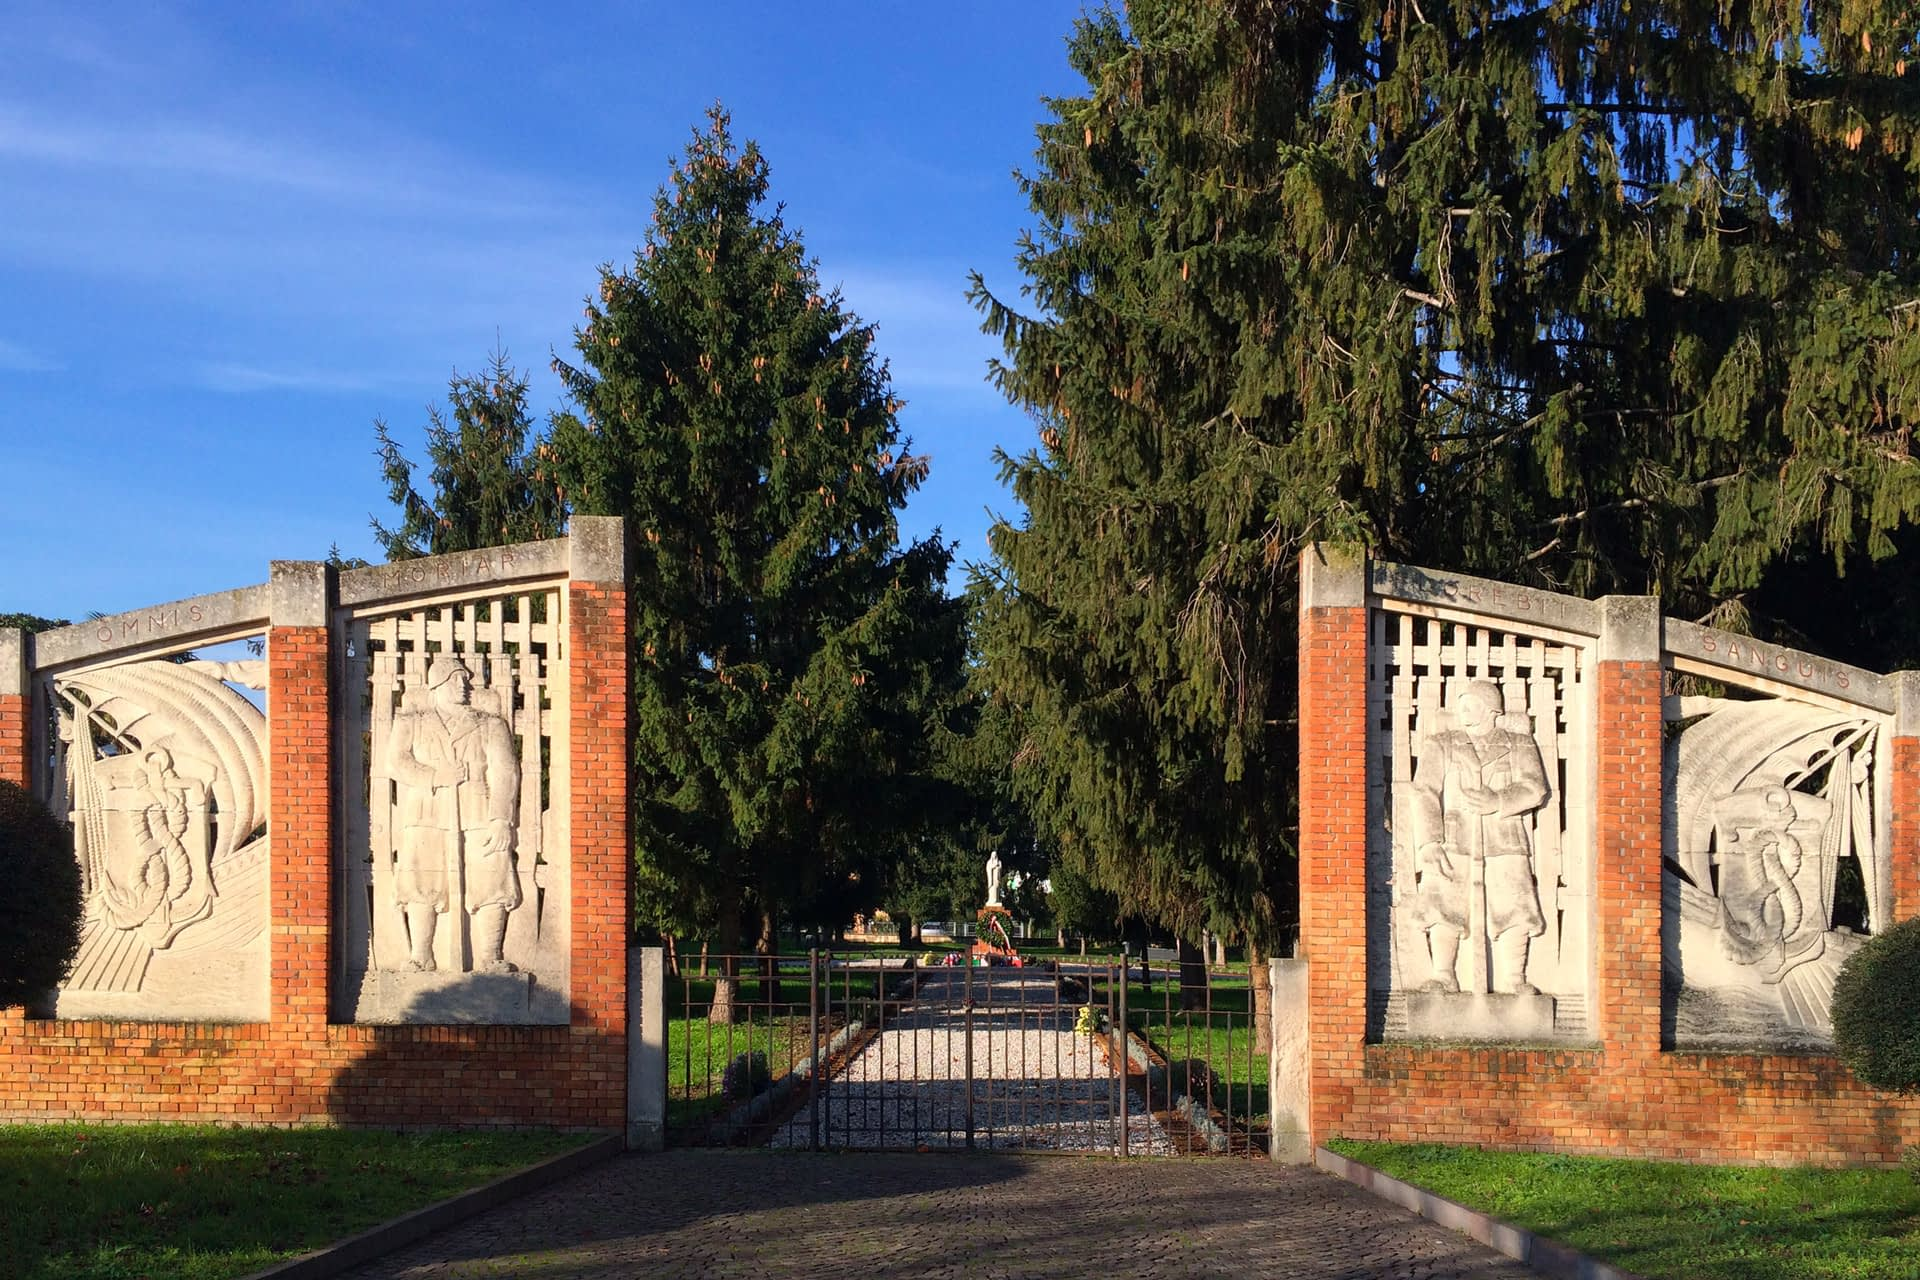 Tribano_Portale del Parco della Rimembranza